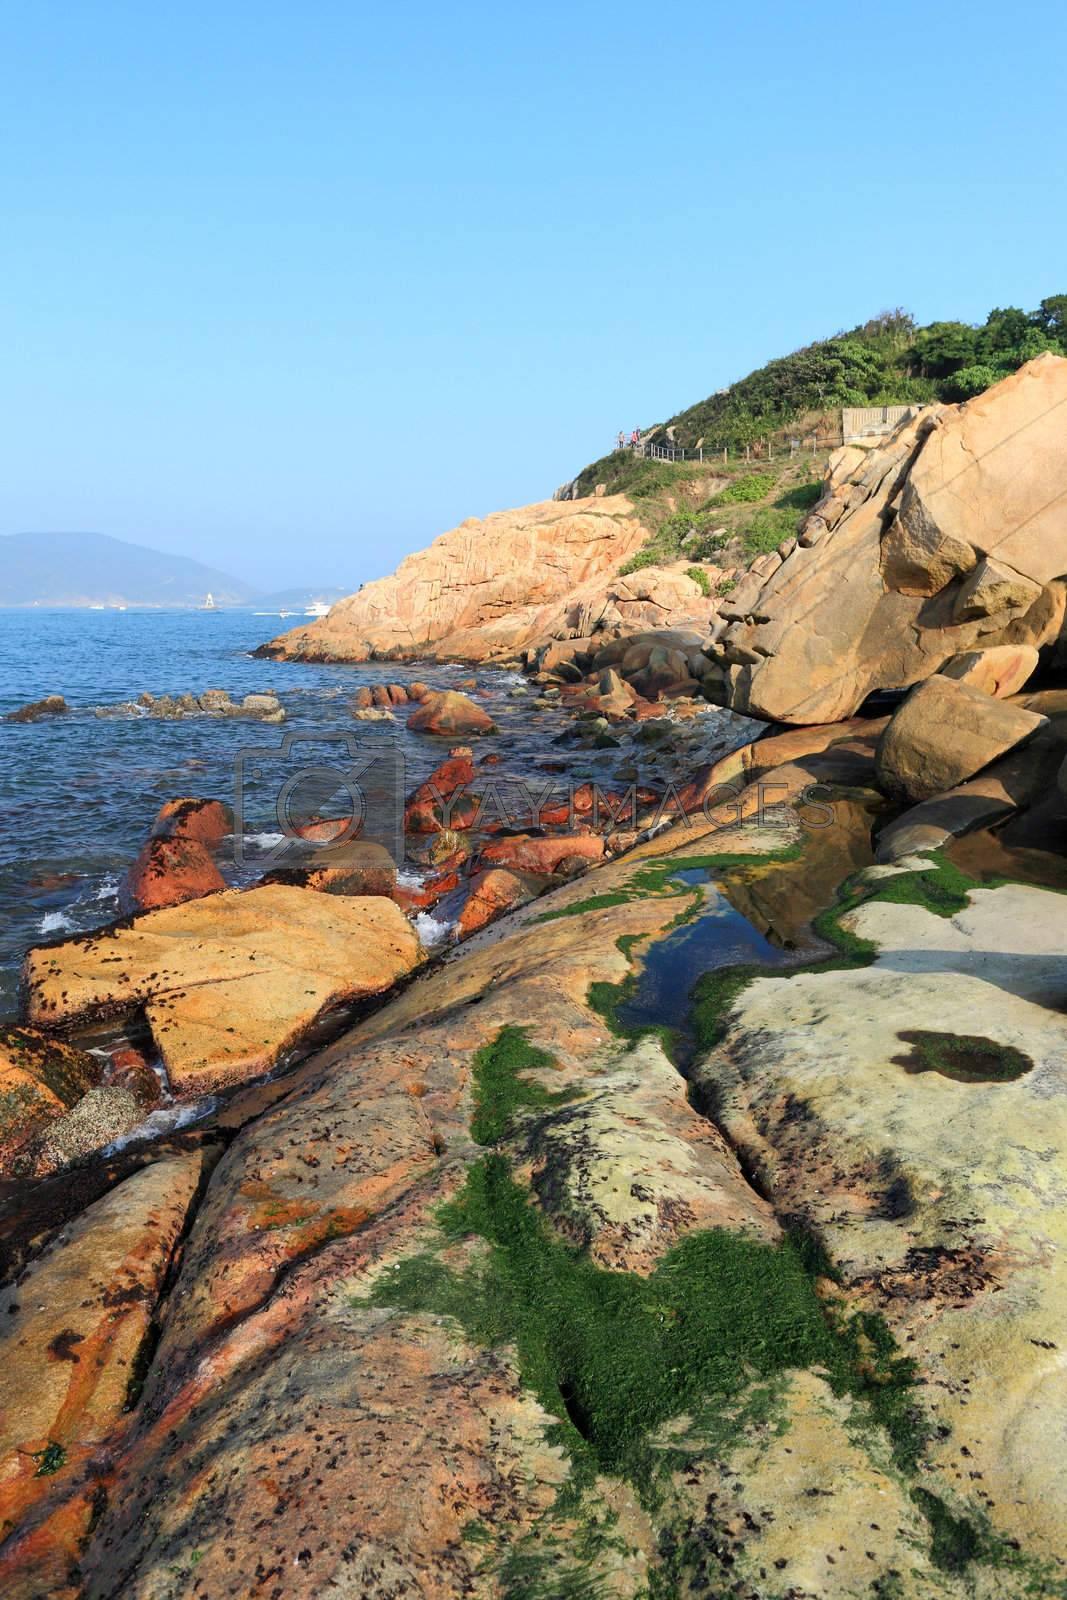 Royalty free image of Shek O coast, in Hong Kong, China by leungchopan